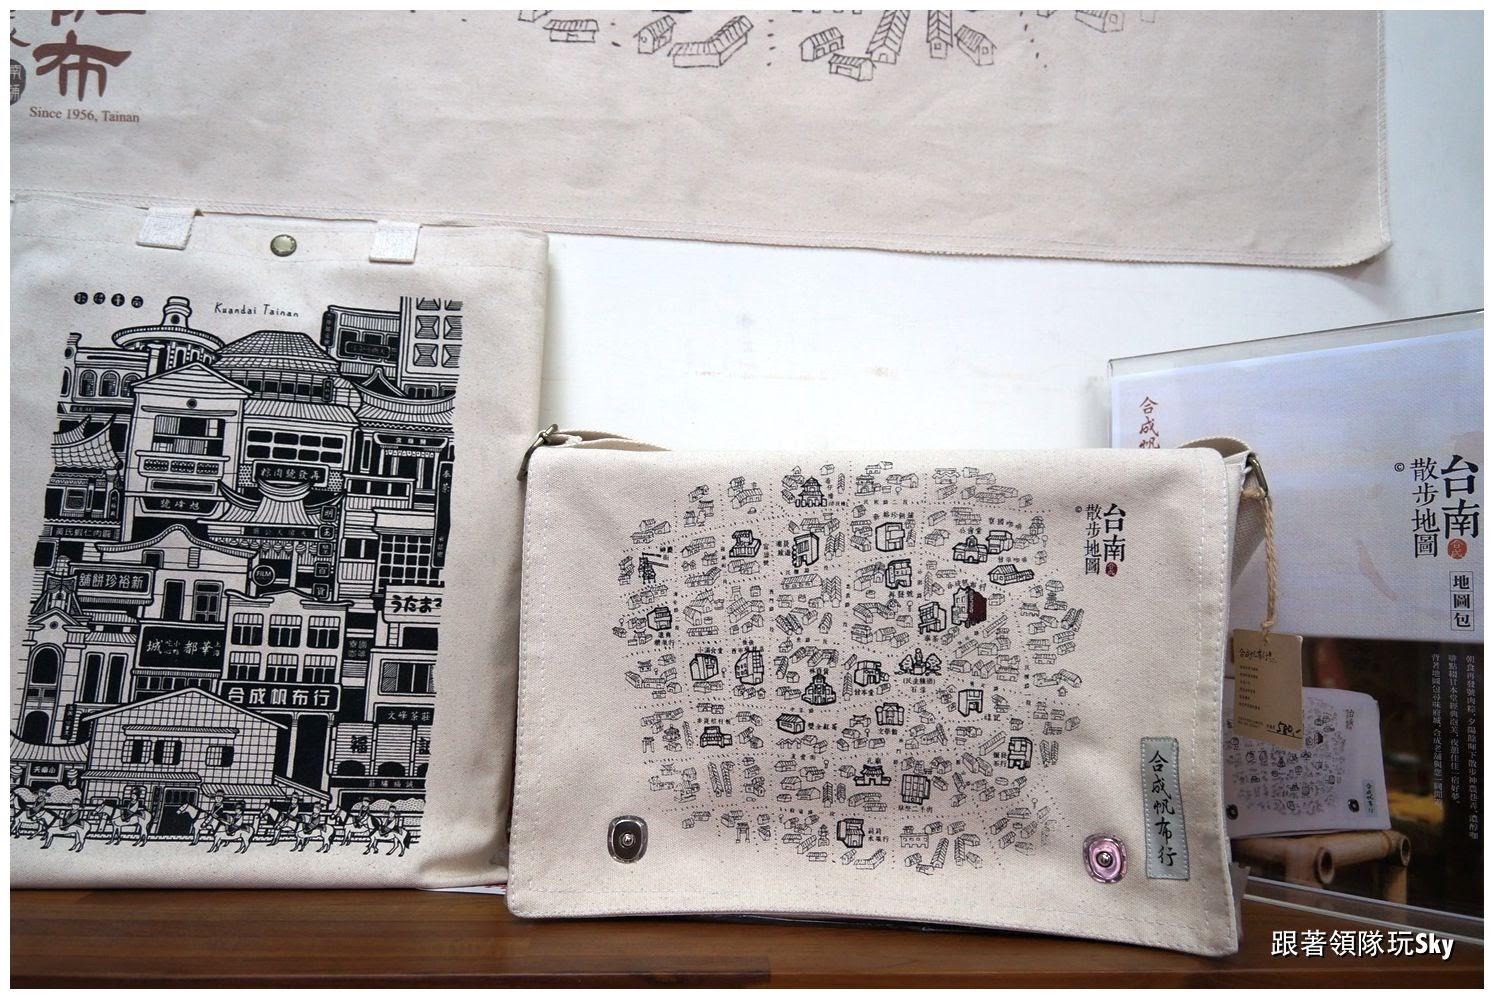 台南必買好物【永盛帆布行vs合成帆布行】MIT平價帆布包